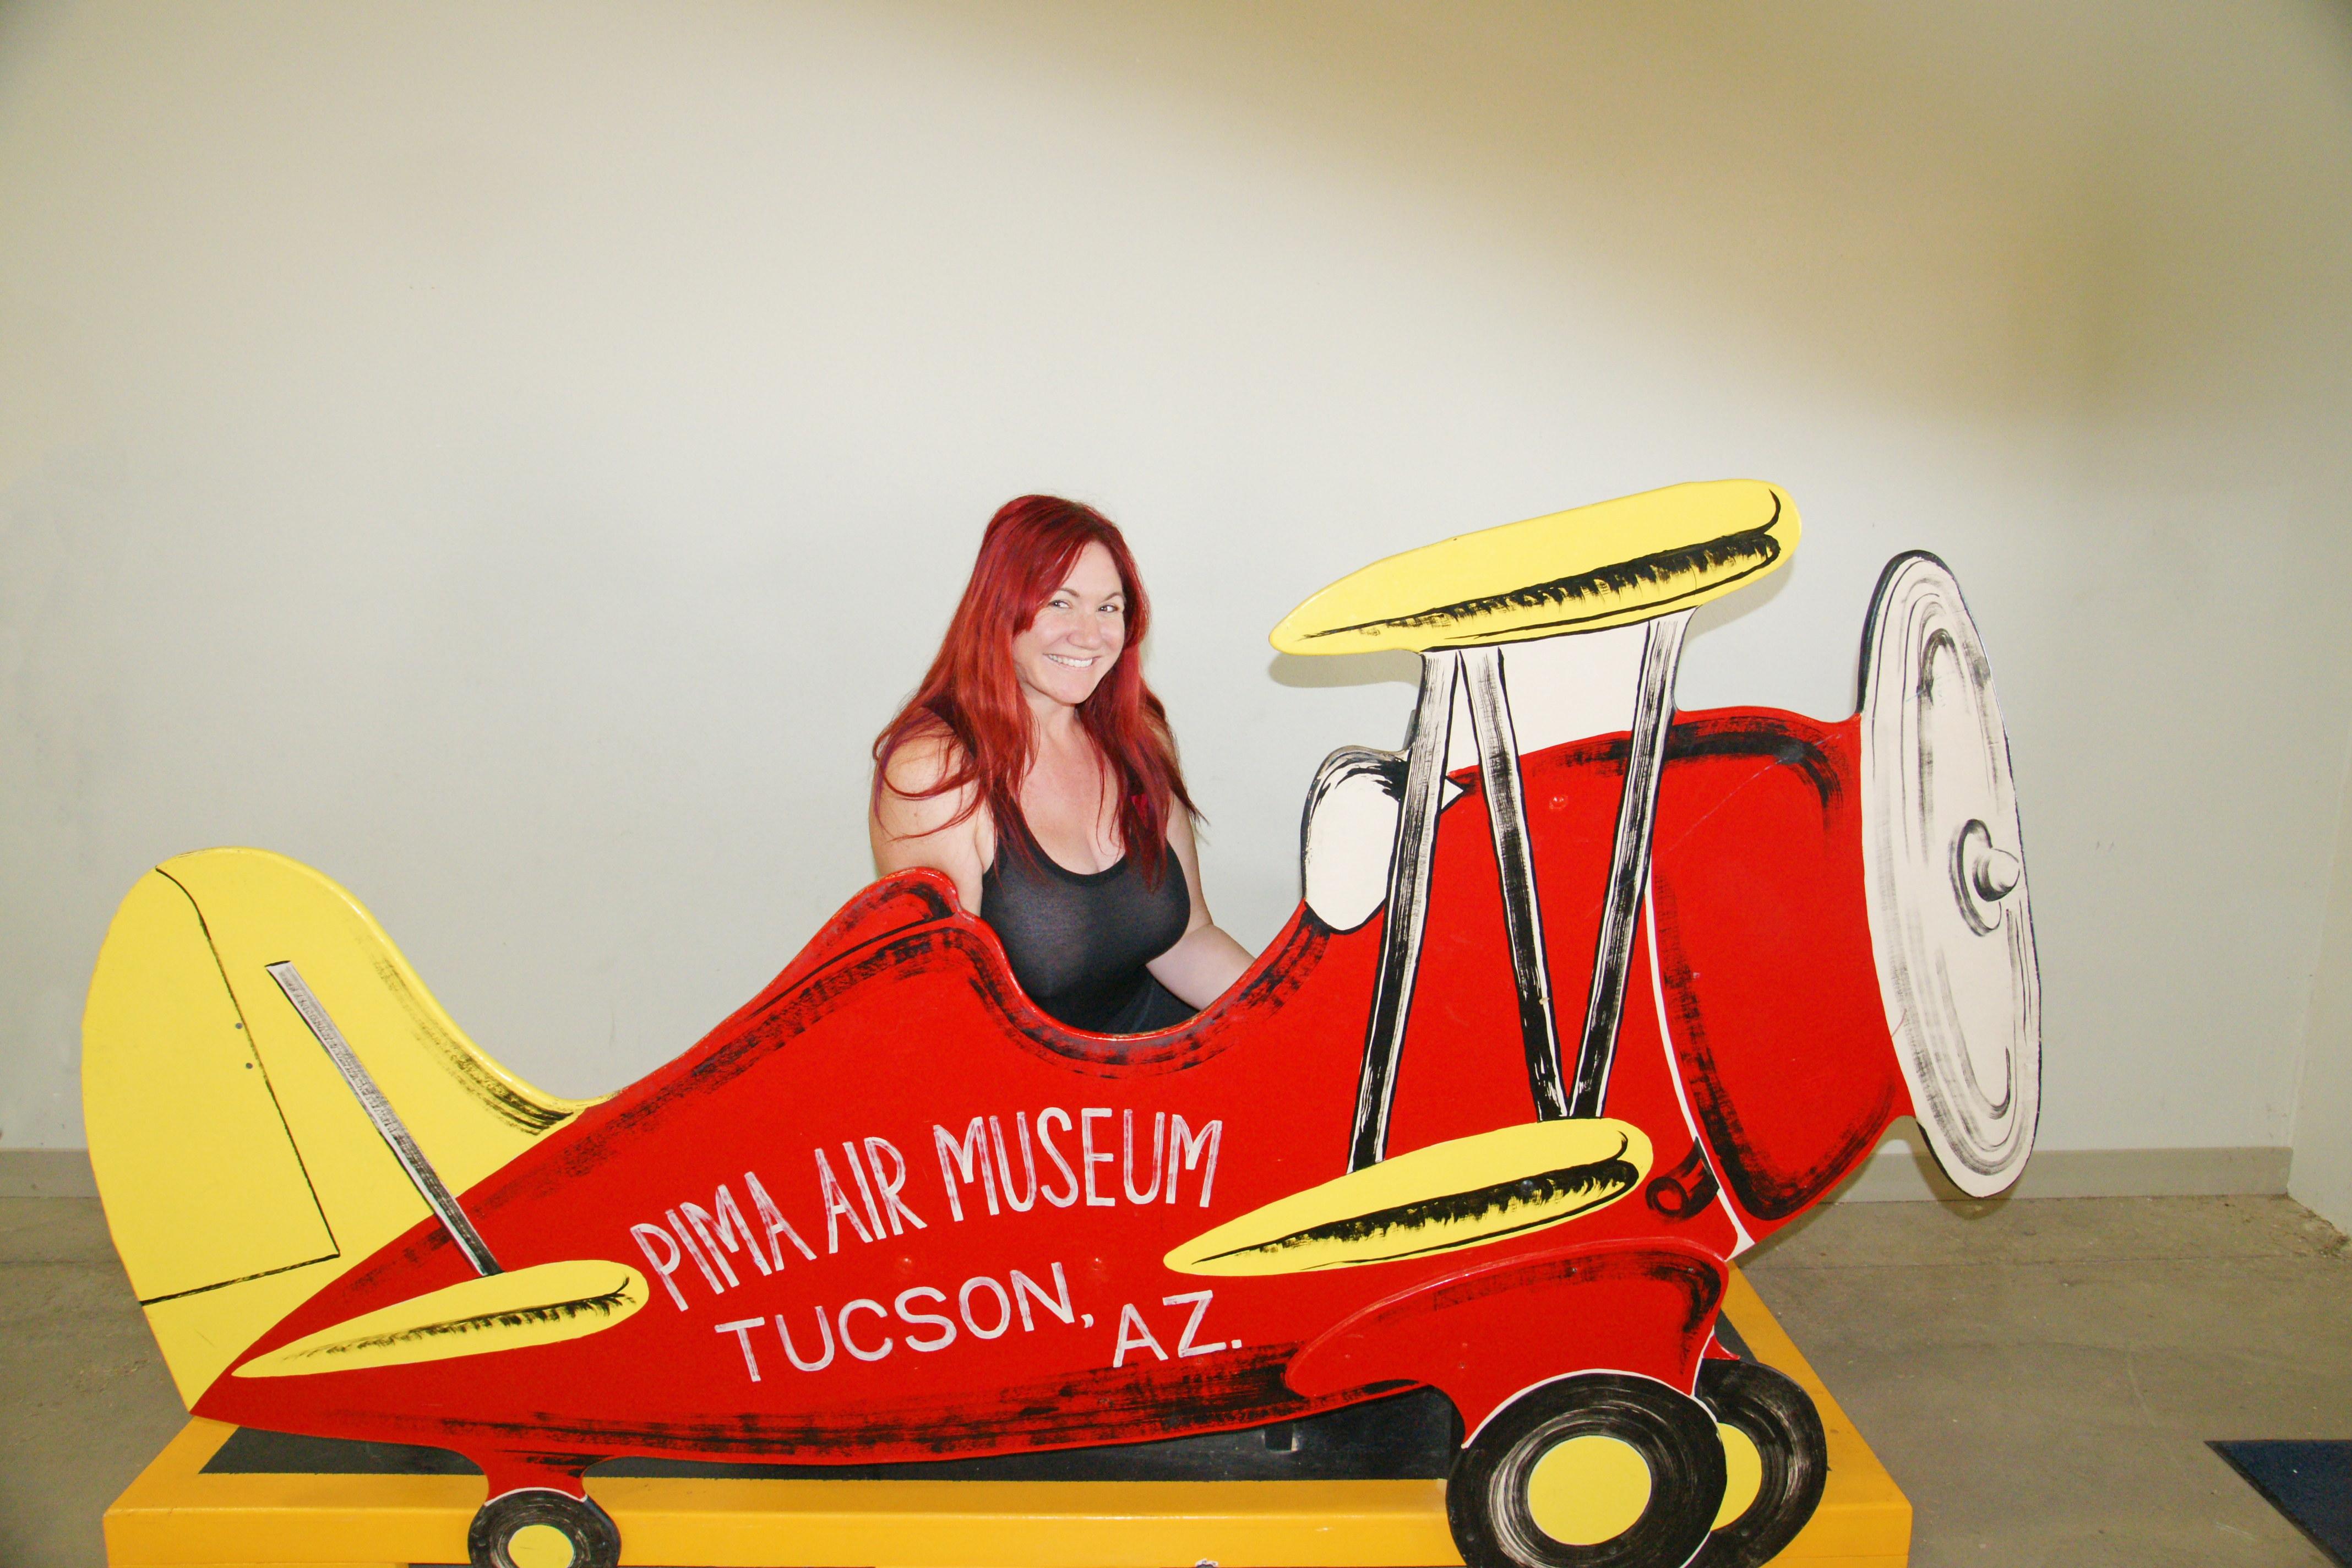 Pima Air Museum